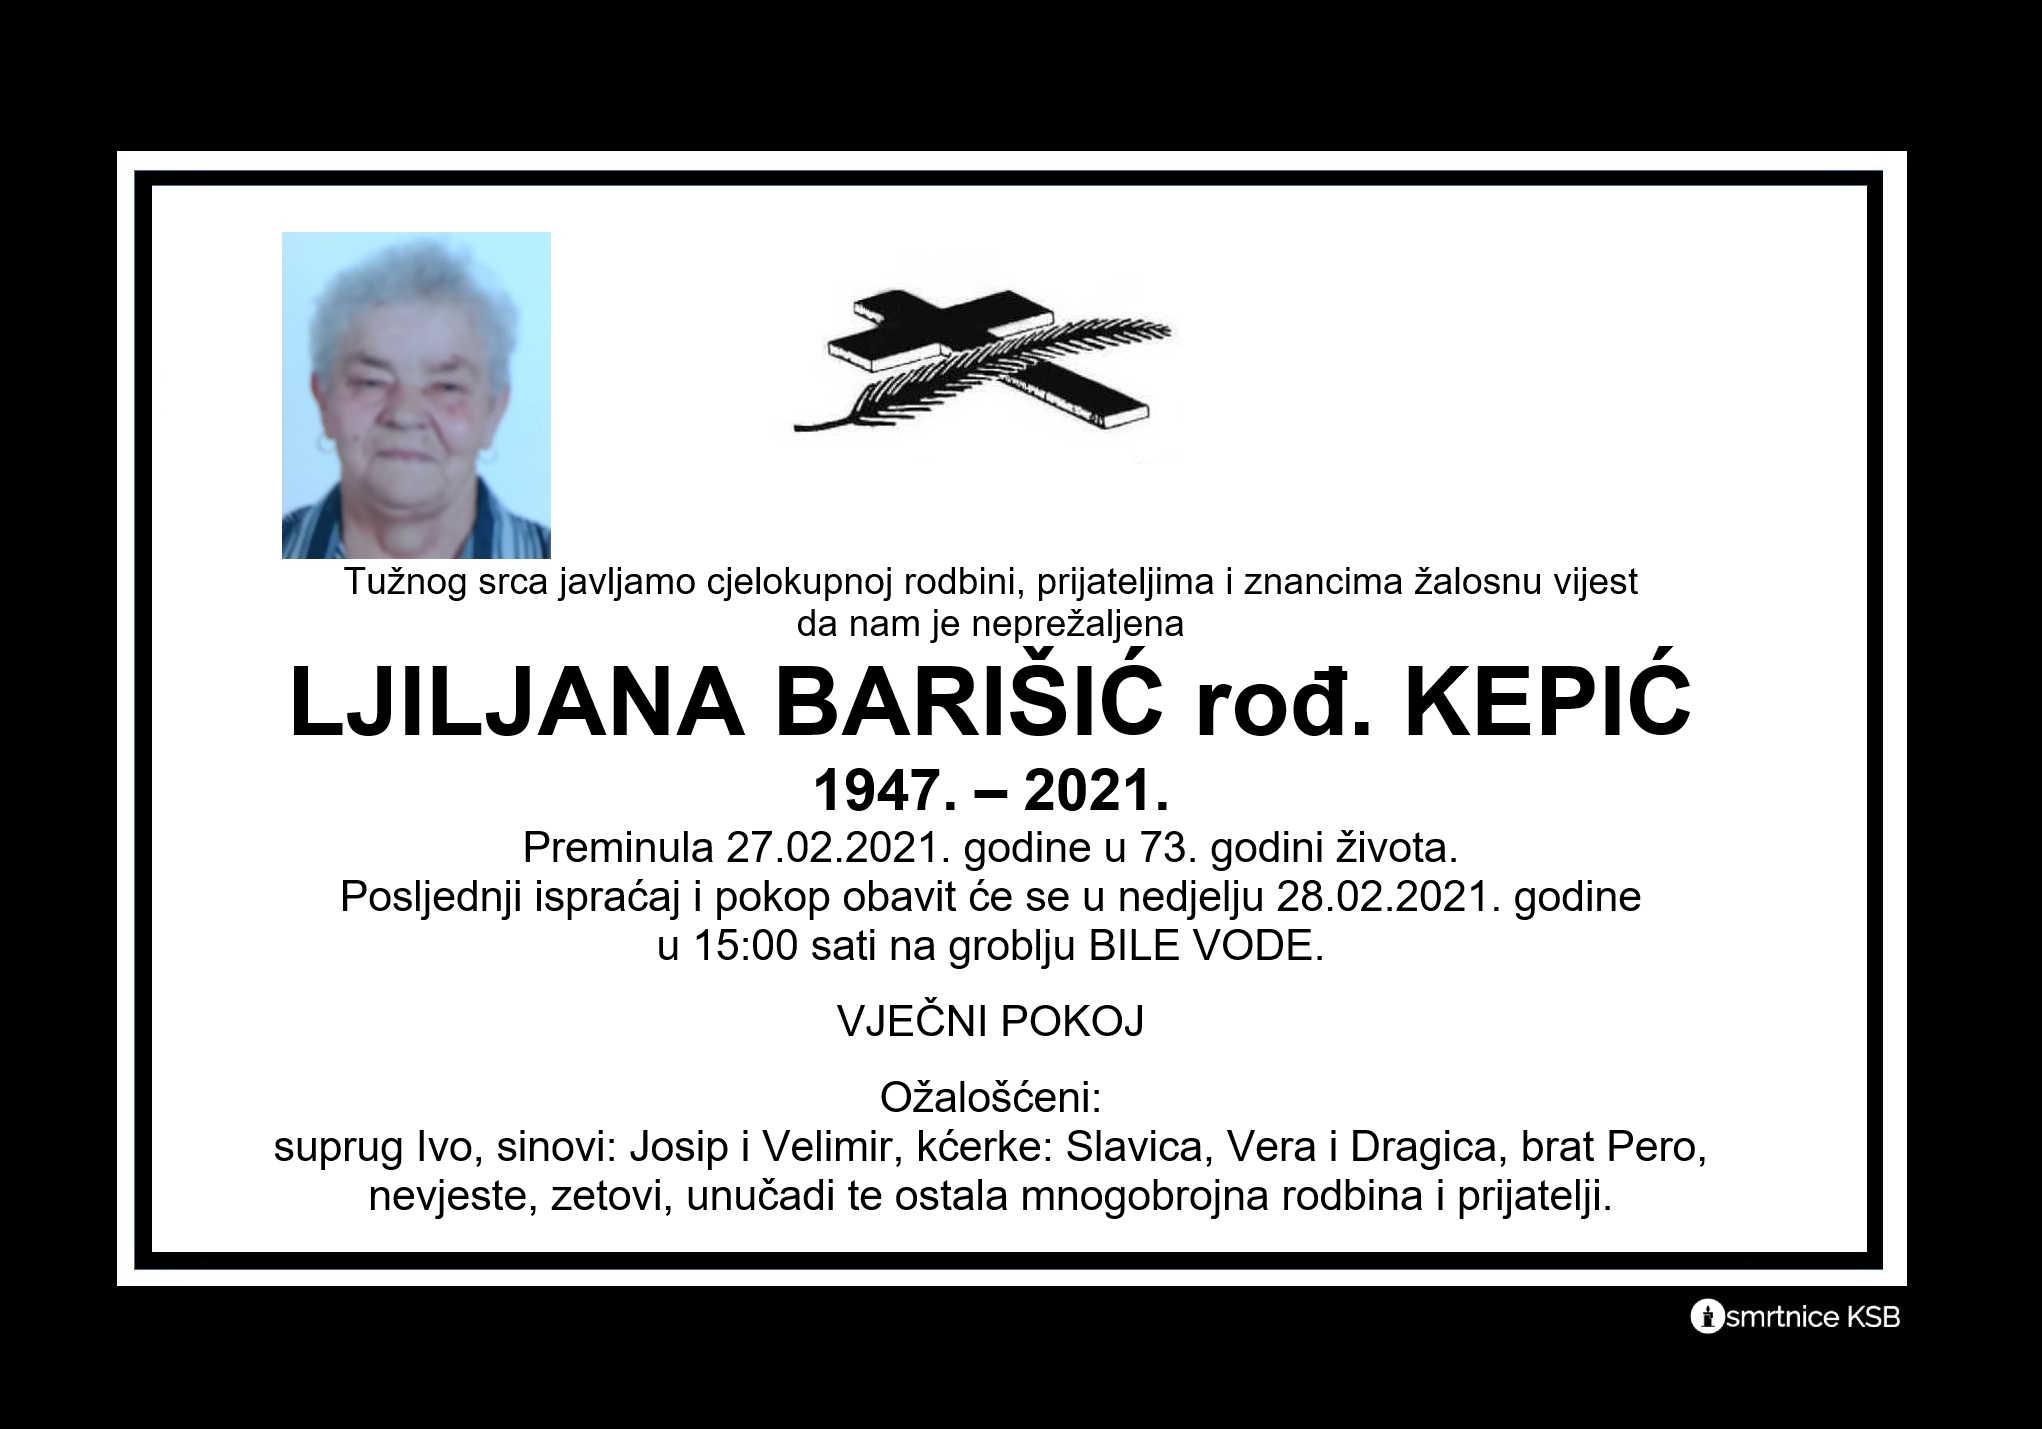 Ljiljana Barišić rođ. Kepić